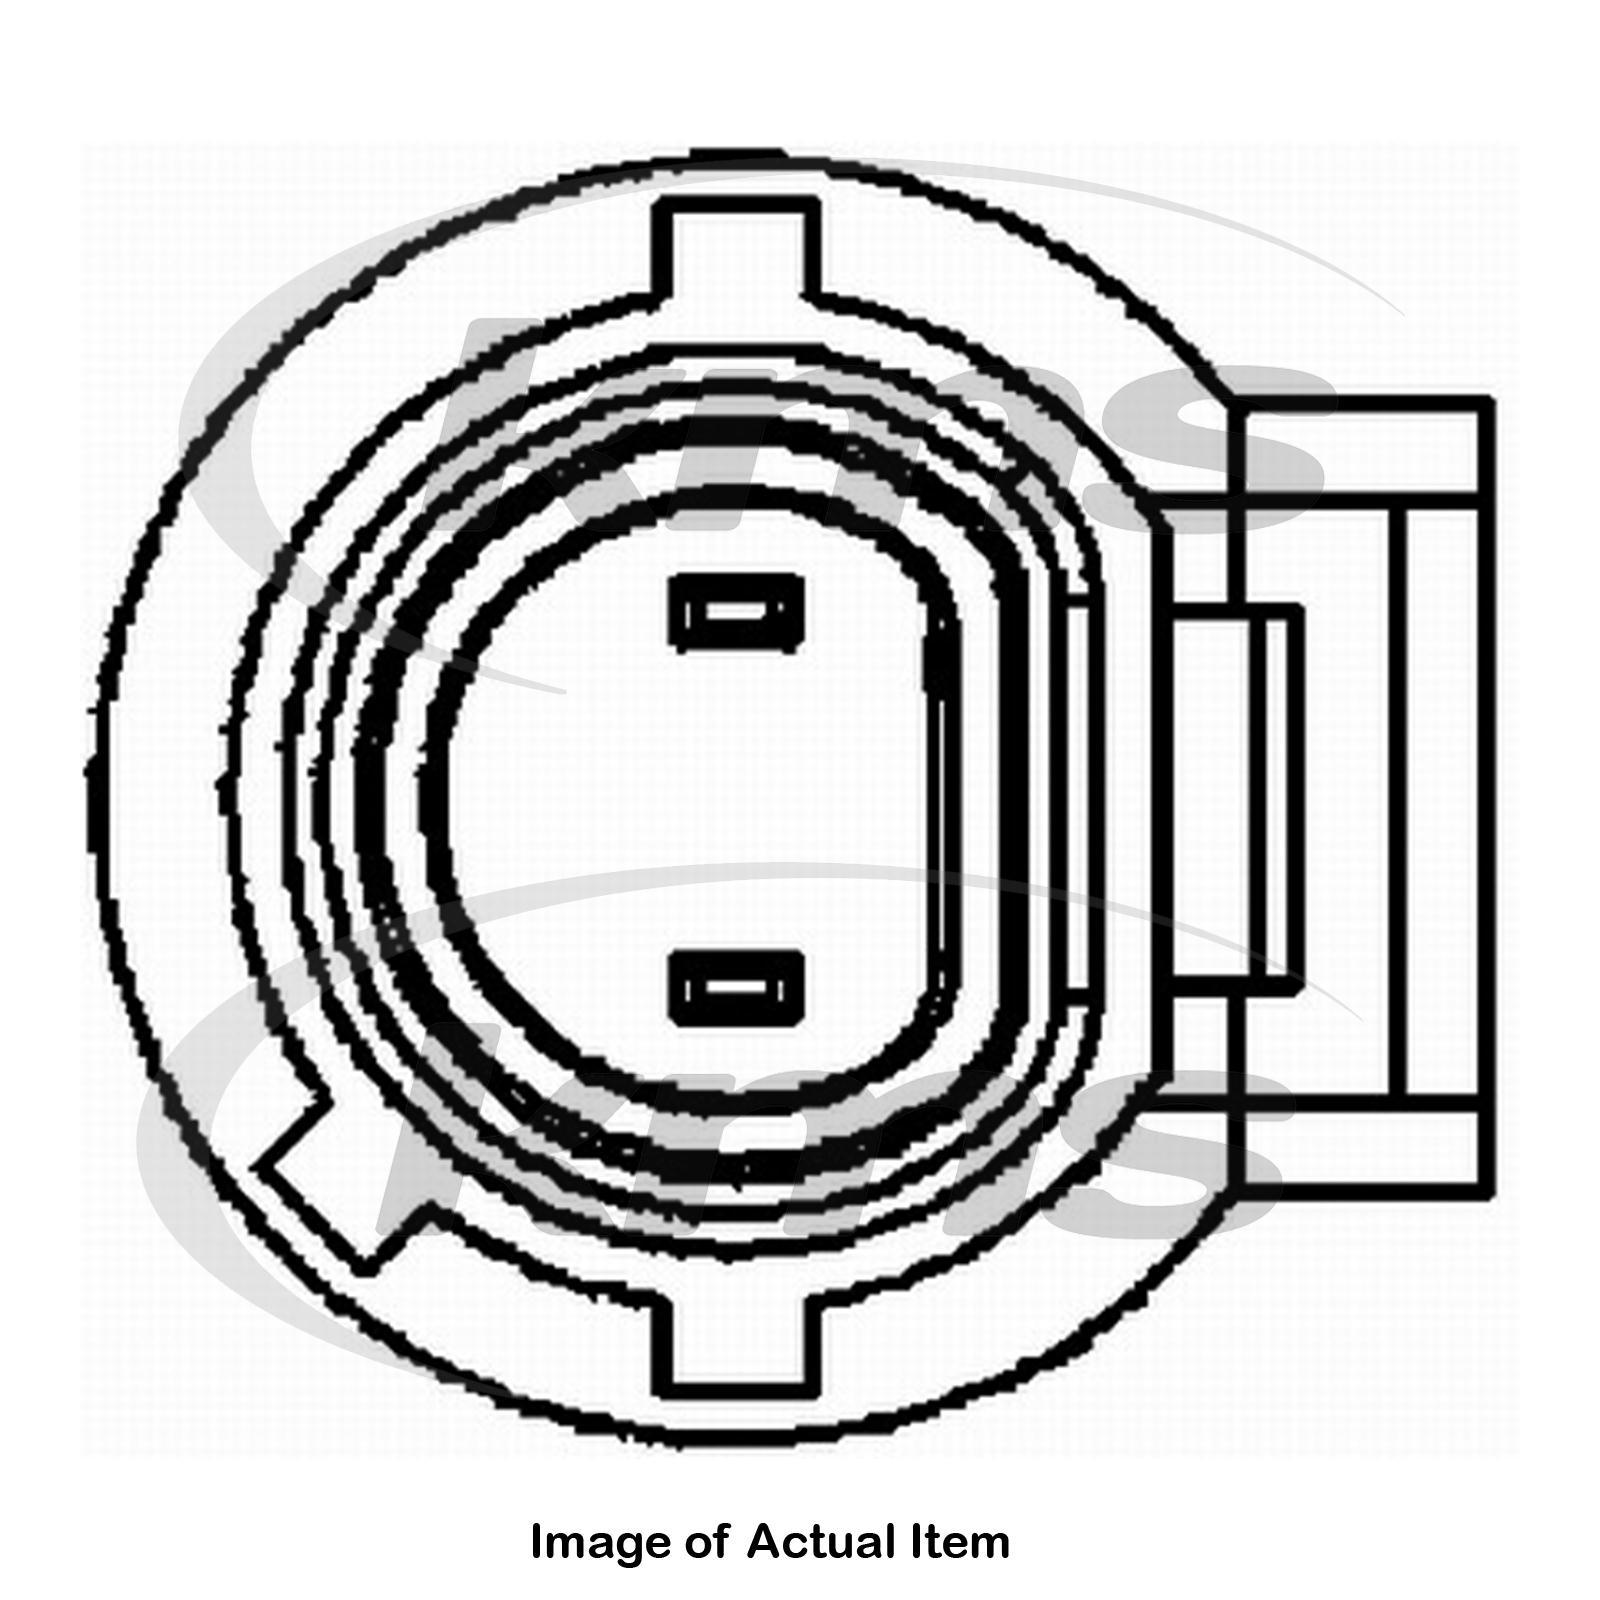 renault clio 2 radio wiring diagram 13 pin trailer uk database usa ii